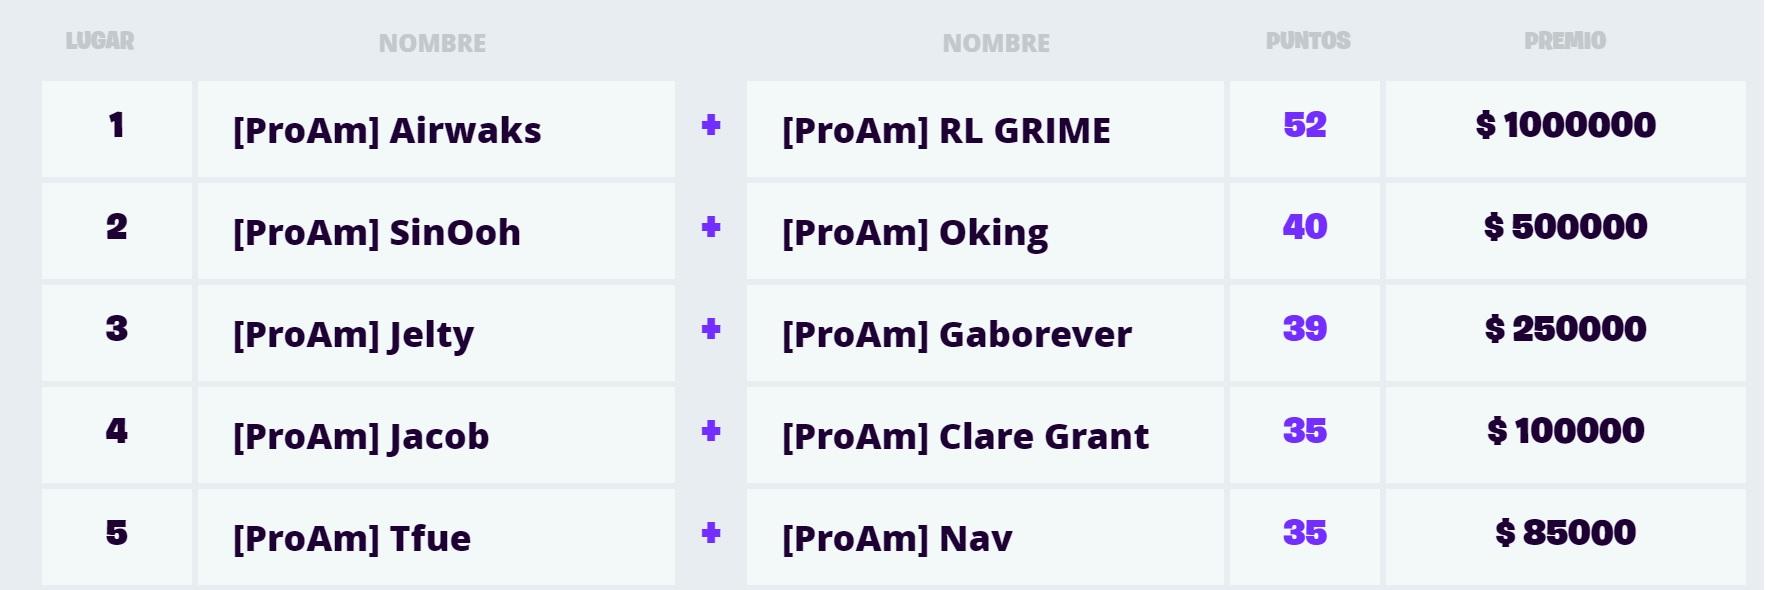 Los resultados de la final de la competencia que jugaron los streamers más poplares de la comunidad de Fortnite, la Celebrity Pro Am